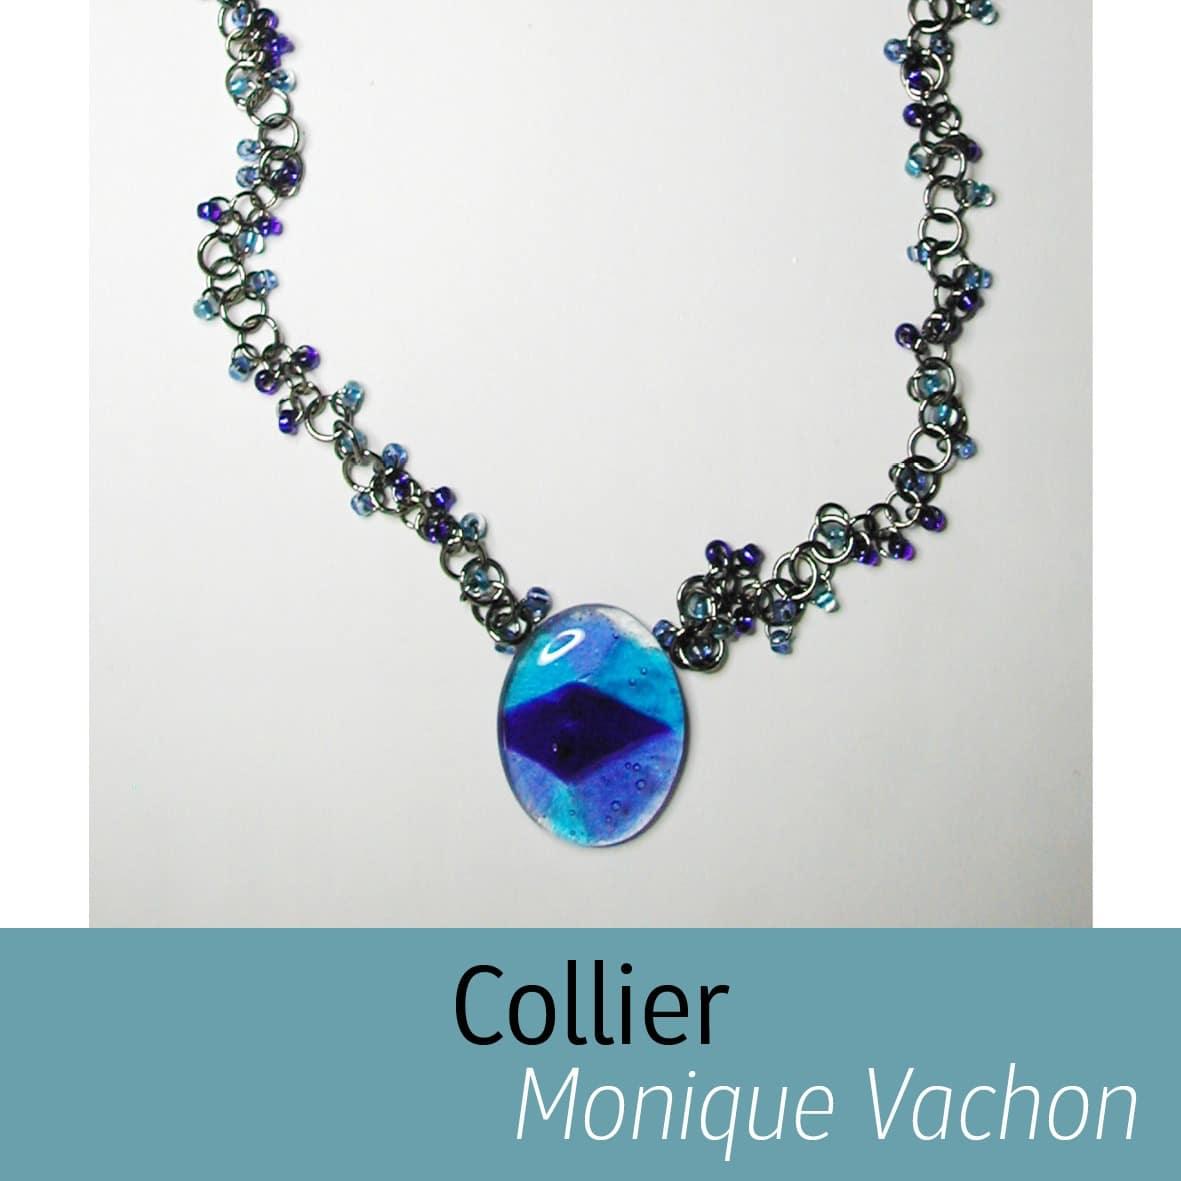 Collier Monique Vachon